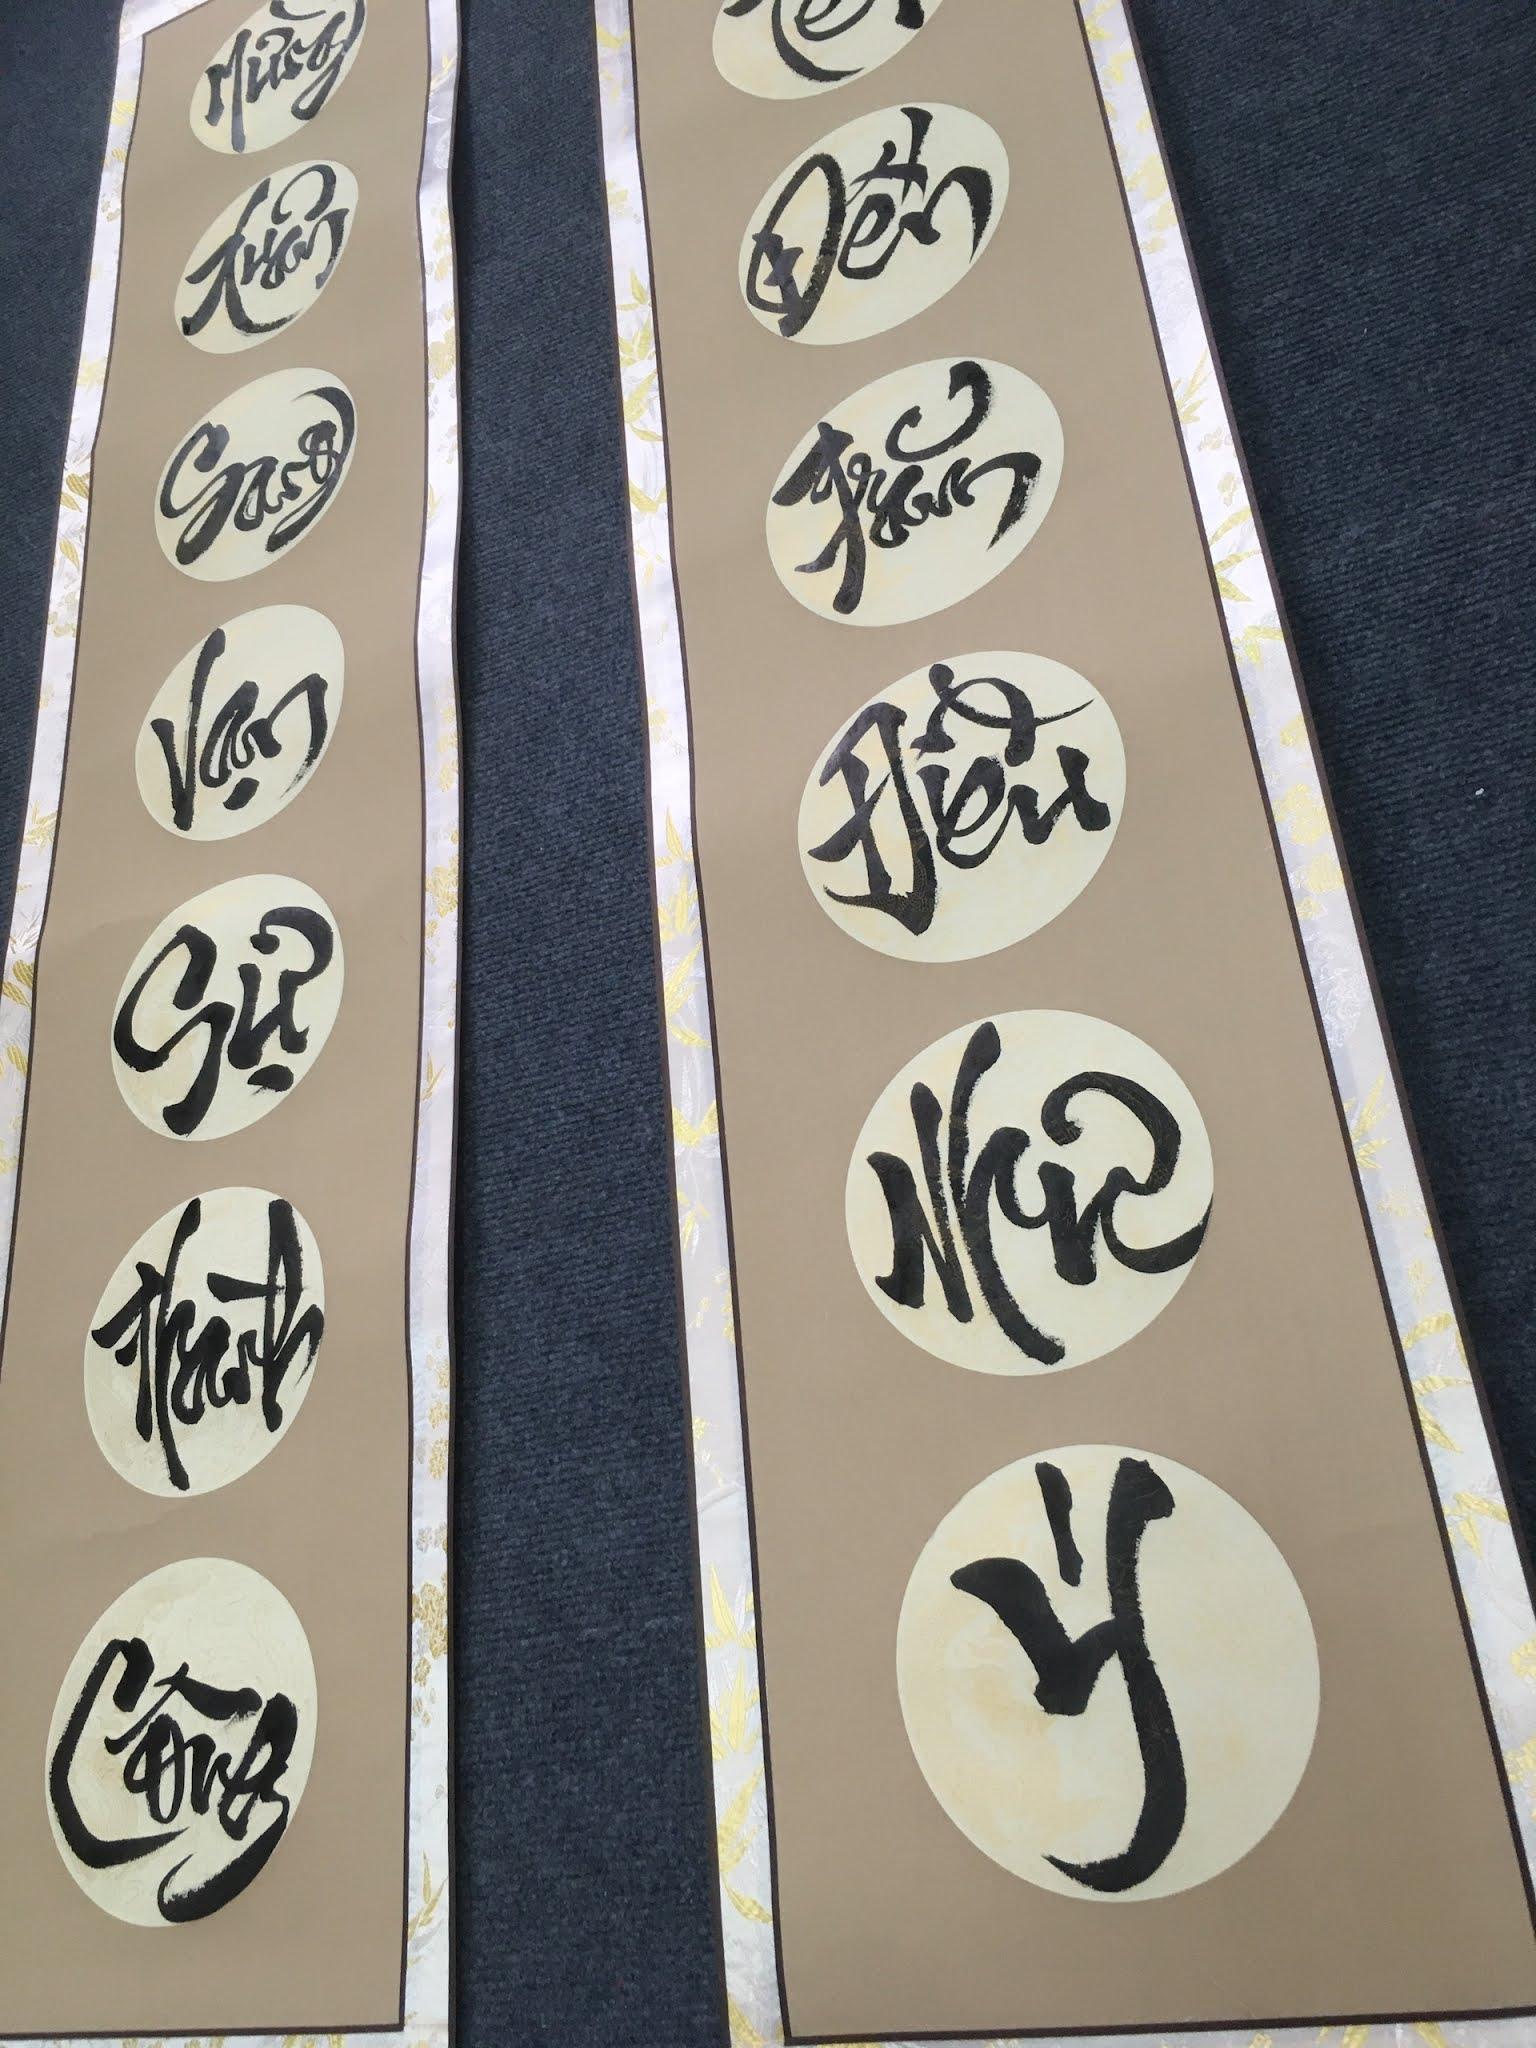 Tổng hợp các mẫu tranh thư pháp Việt đẹp nhất - Thư pháp Thanh Phong